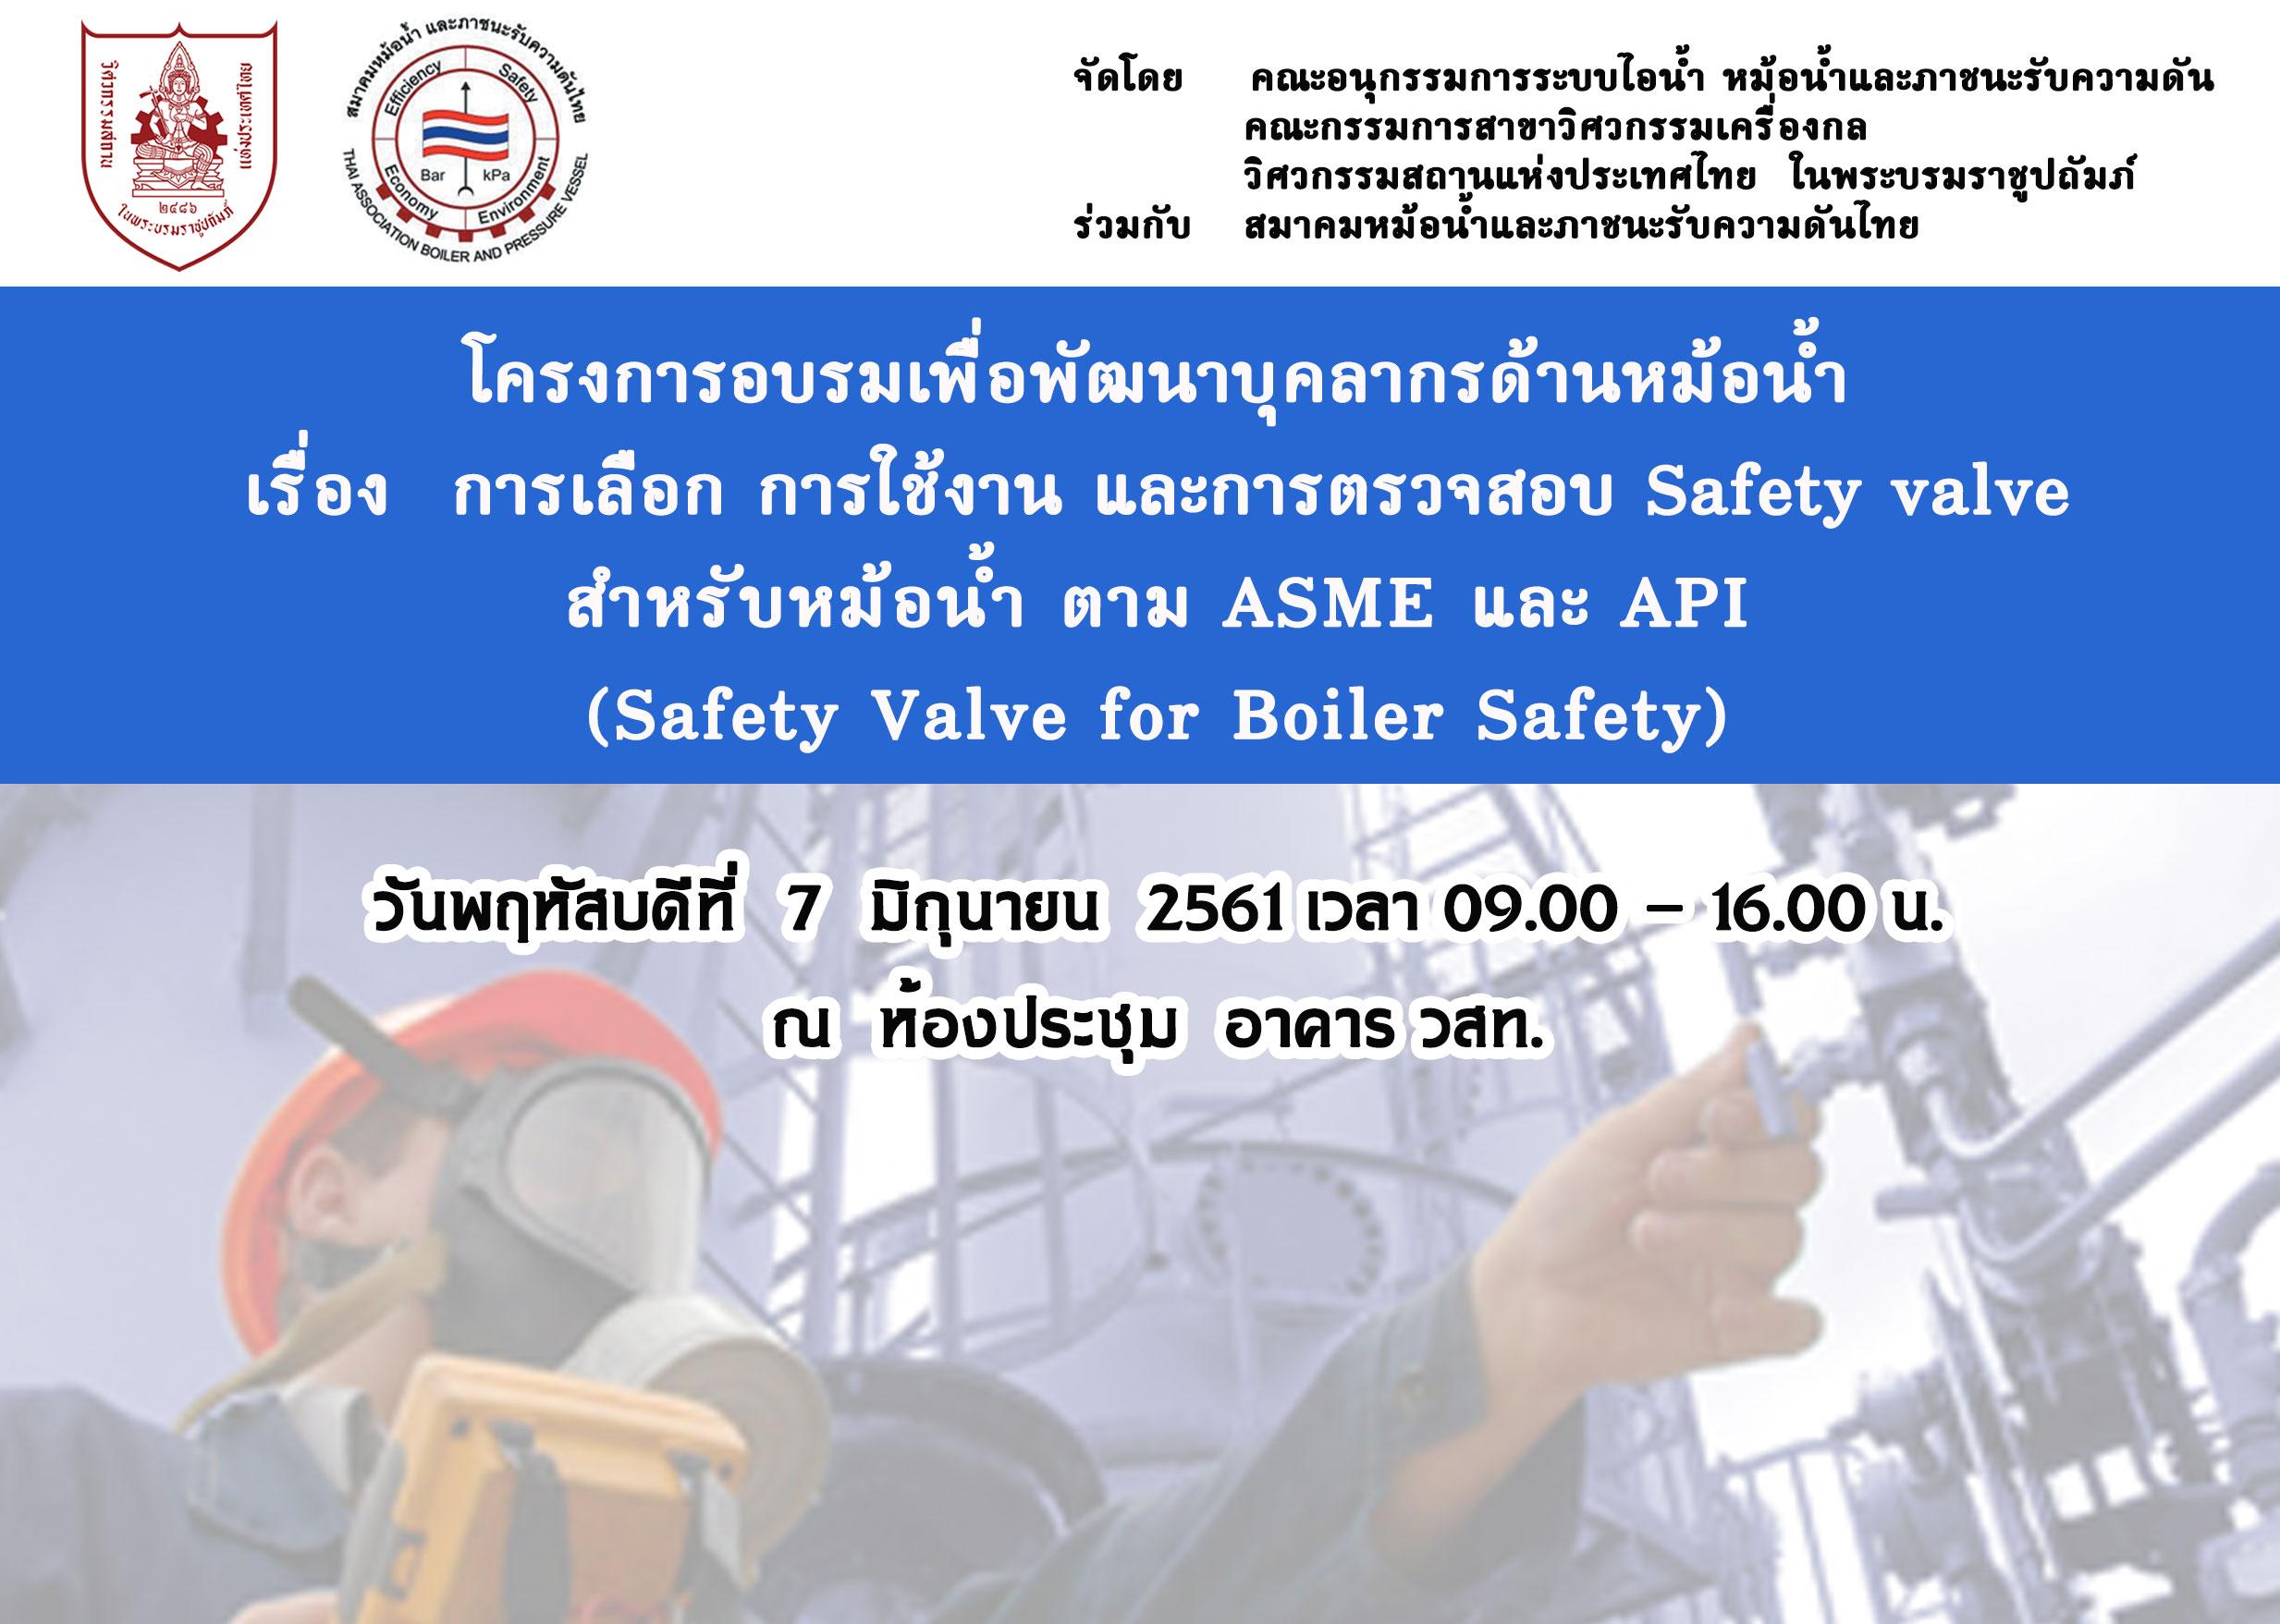 07/06/2018 การอบรมเรื่อง  การเลือก การใช้งาน และการตรวจสอบ Safety valve  สำหรับหม้อน้ำ ตาม ASME และ API   (Safety Valve for Boiler Safety)